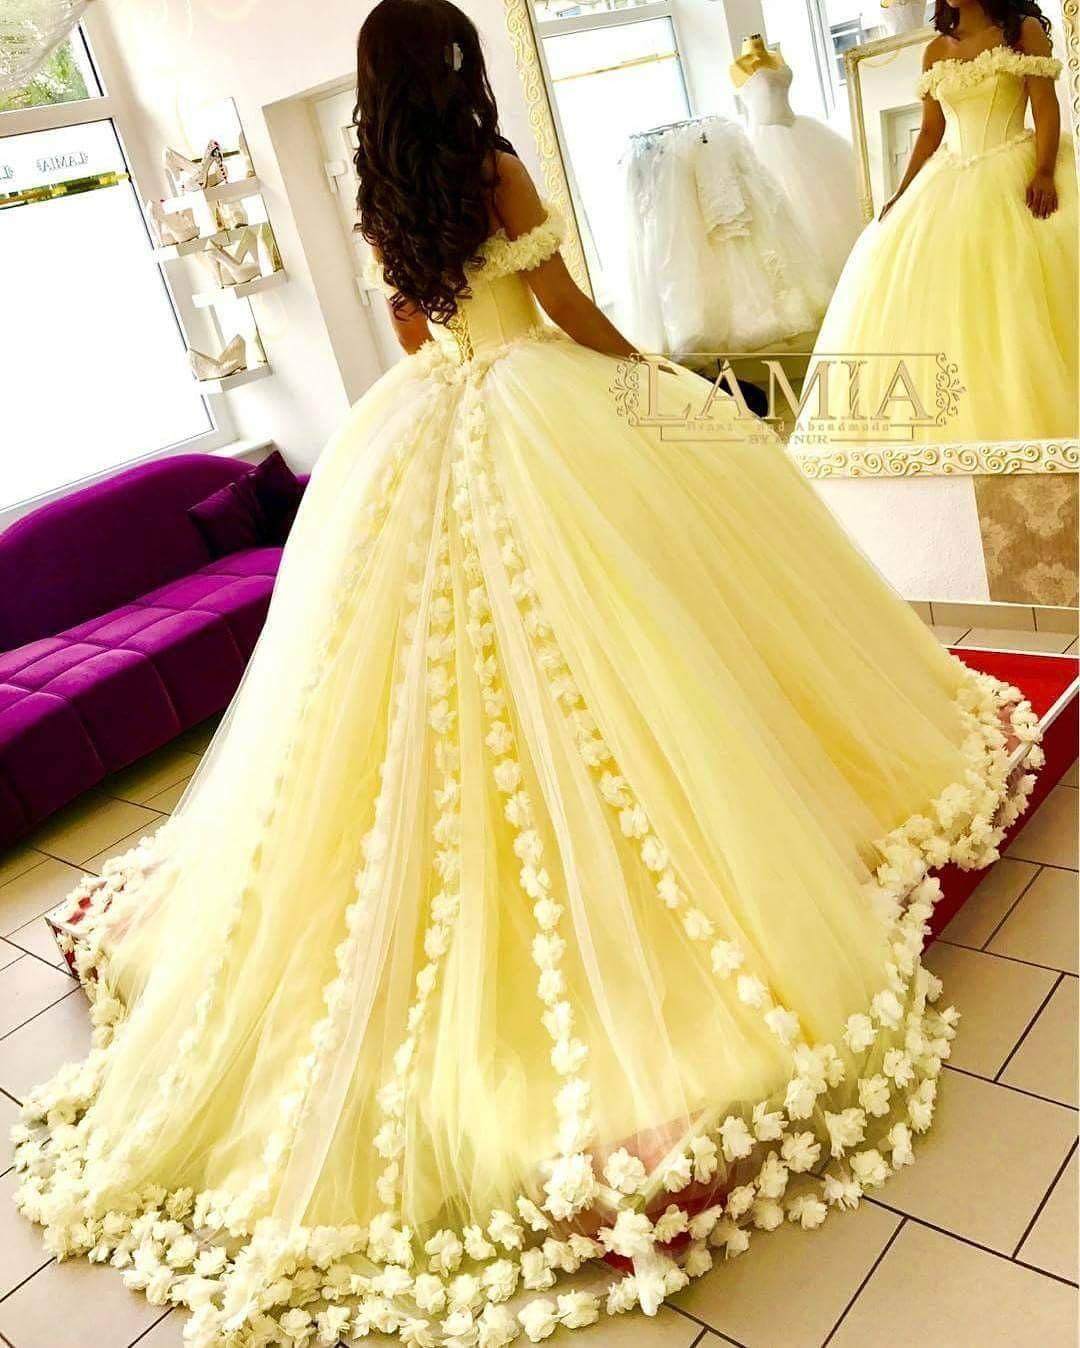 Best belle gown ever love it sooooooooooo much wow!  bd4e8965b7fe